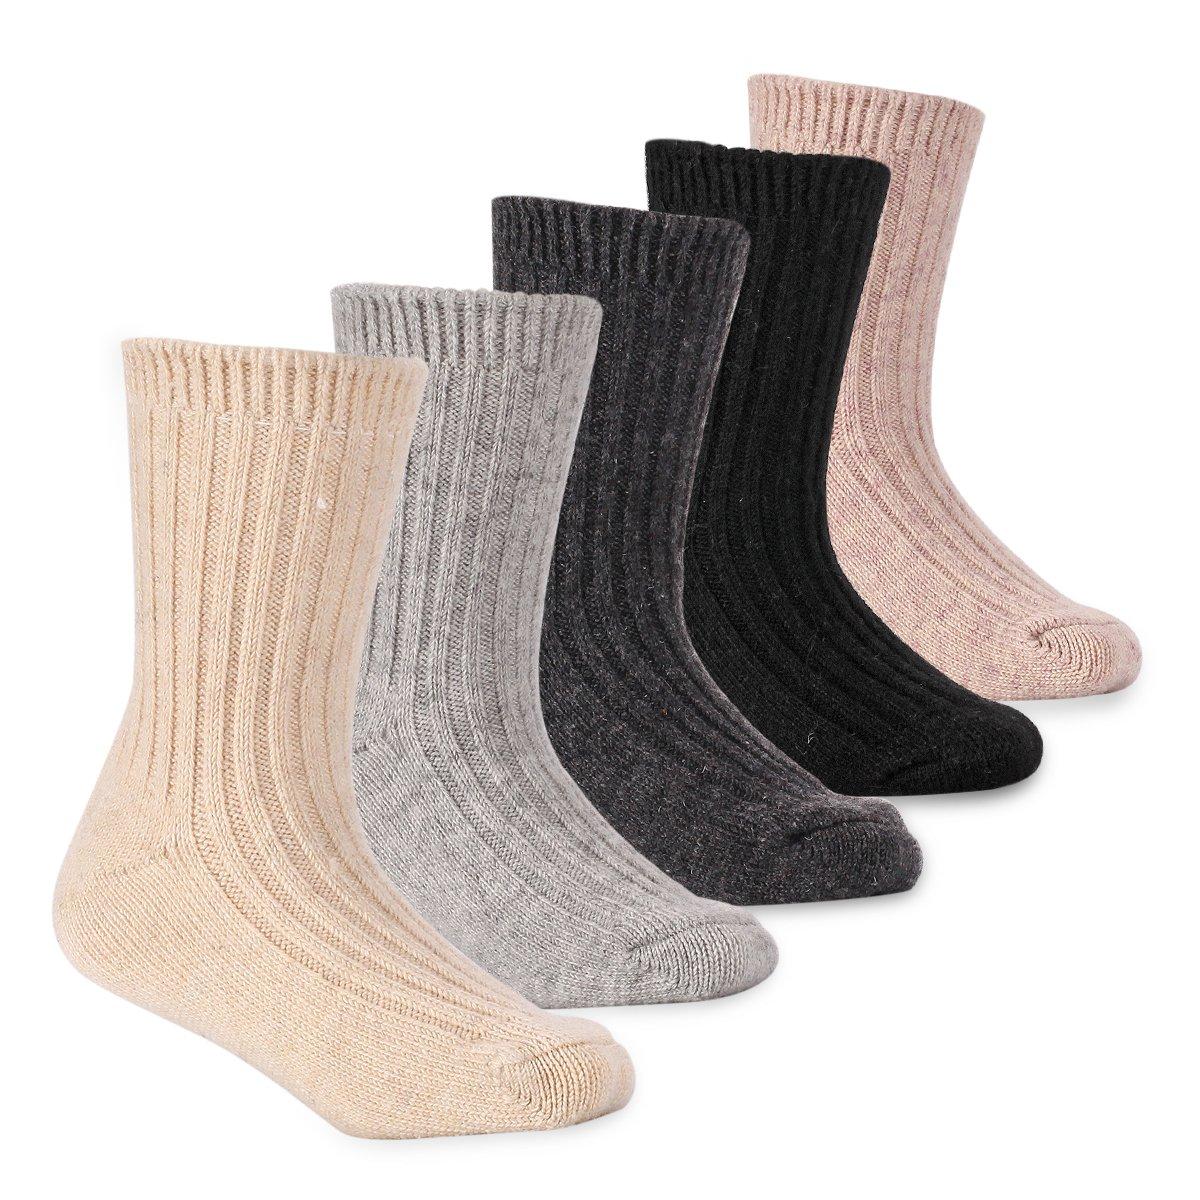 Boys Thick Wool Socks Kids Winter Seamless Warm Socks 5 Pack